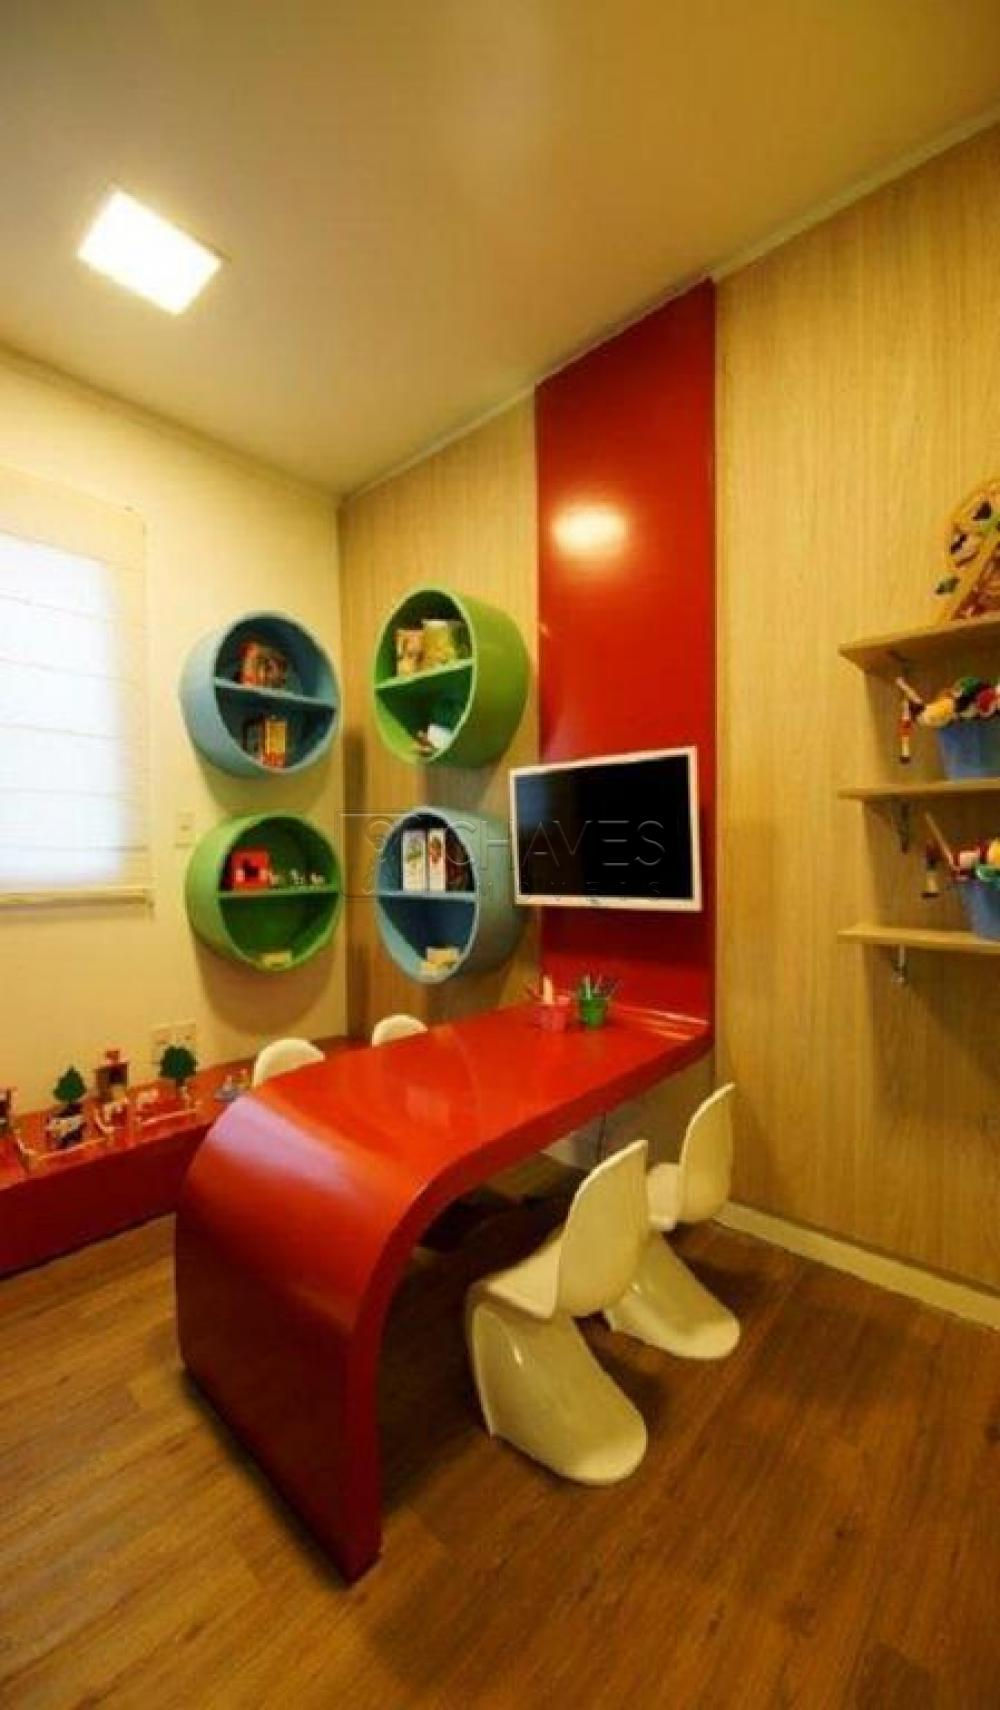 Comprar Apartamento / Padrão em Ribeirão Preto apenas R$ 660.000,00 - Foto 23